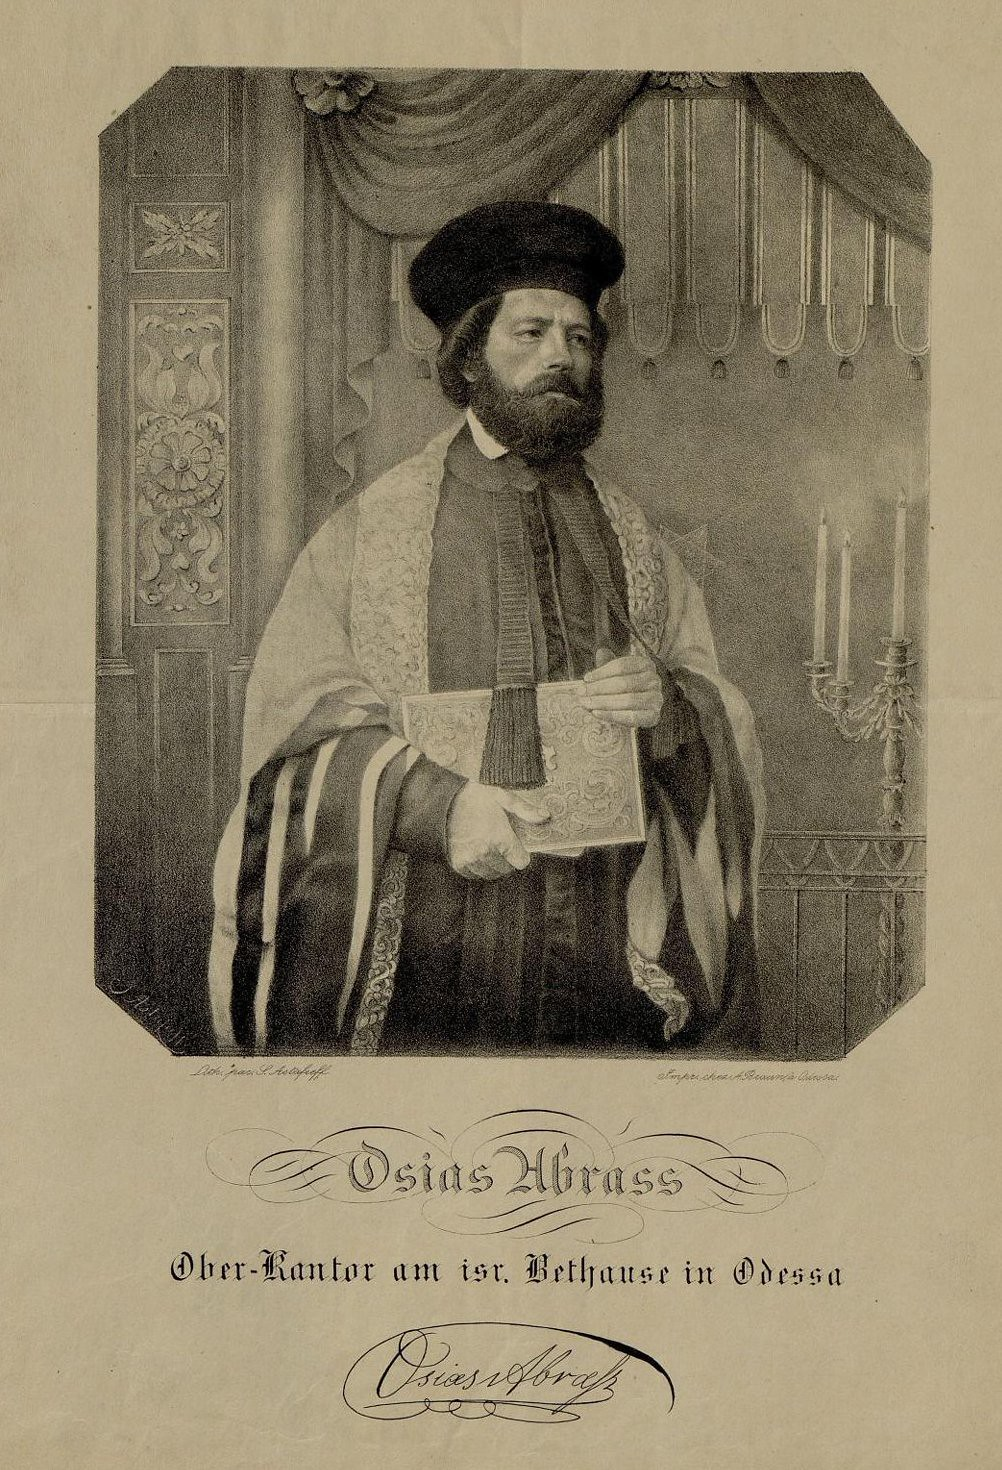 Осиас Абрасс,кантор из Одессы